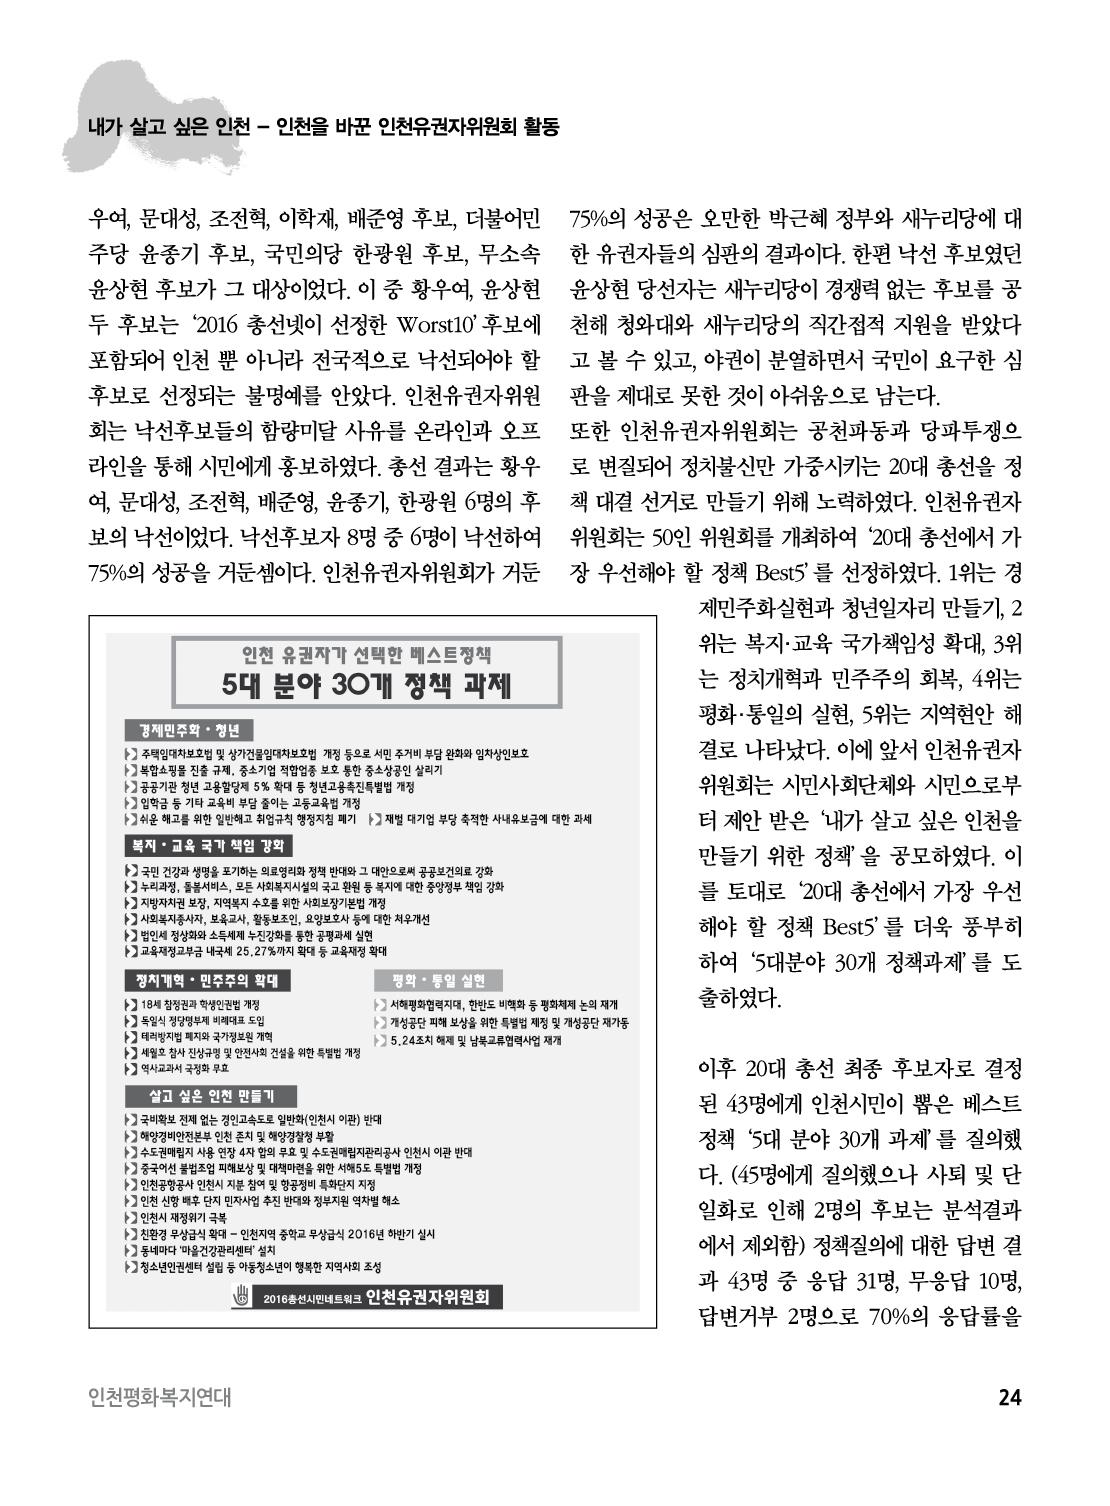 아웃라인 인천평화복지연대 소식지창간준비3호24.jpg